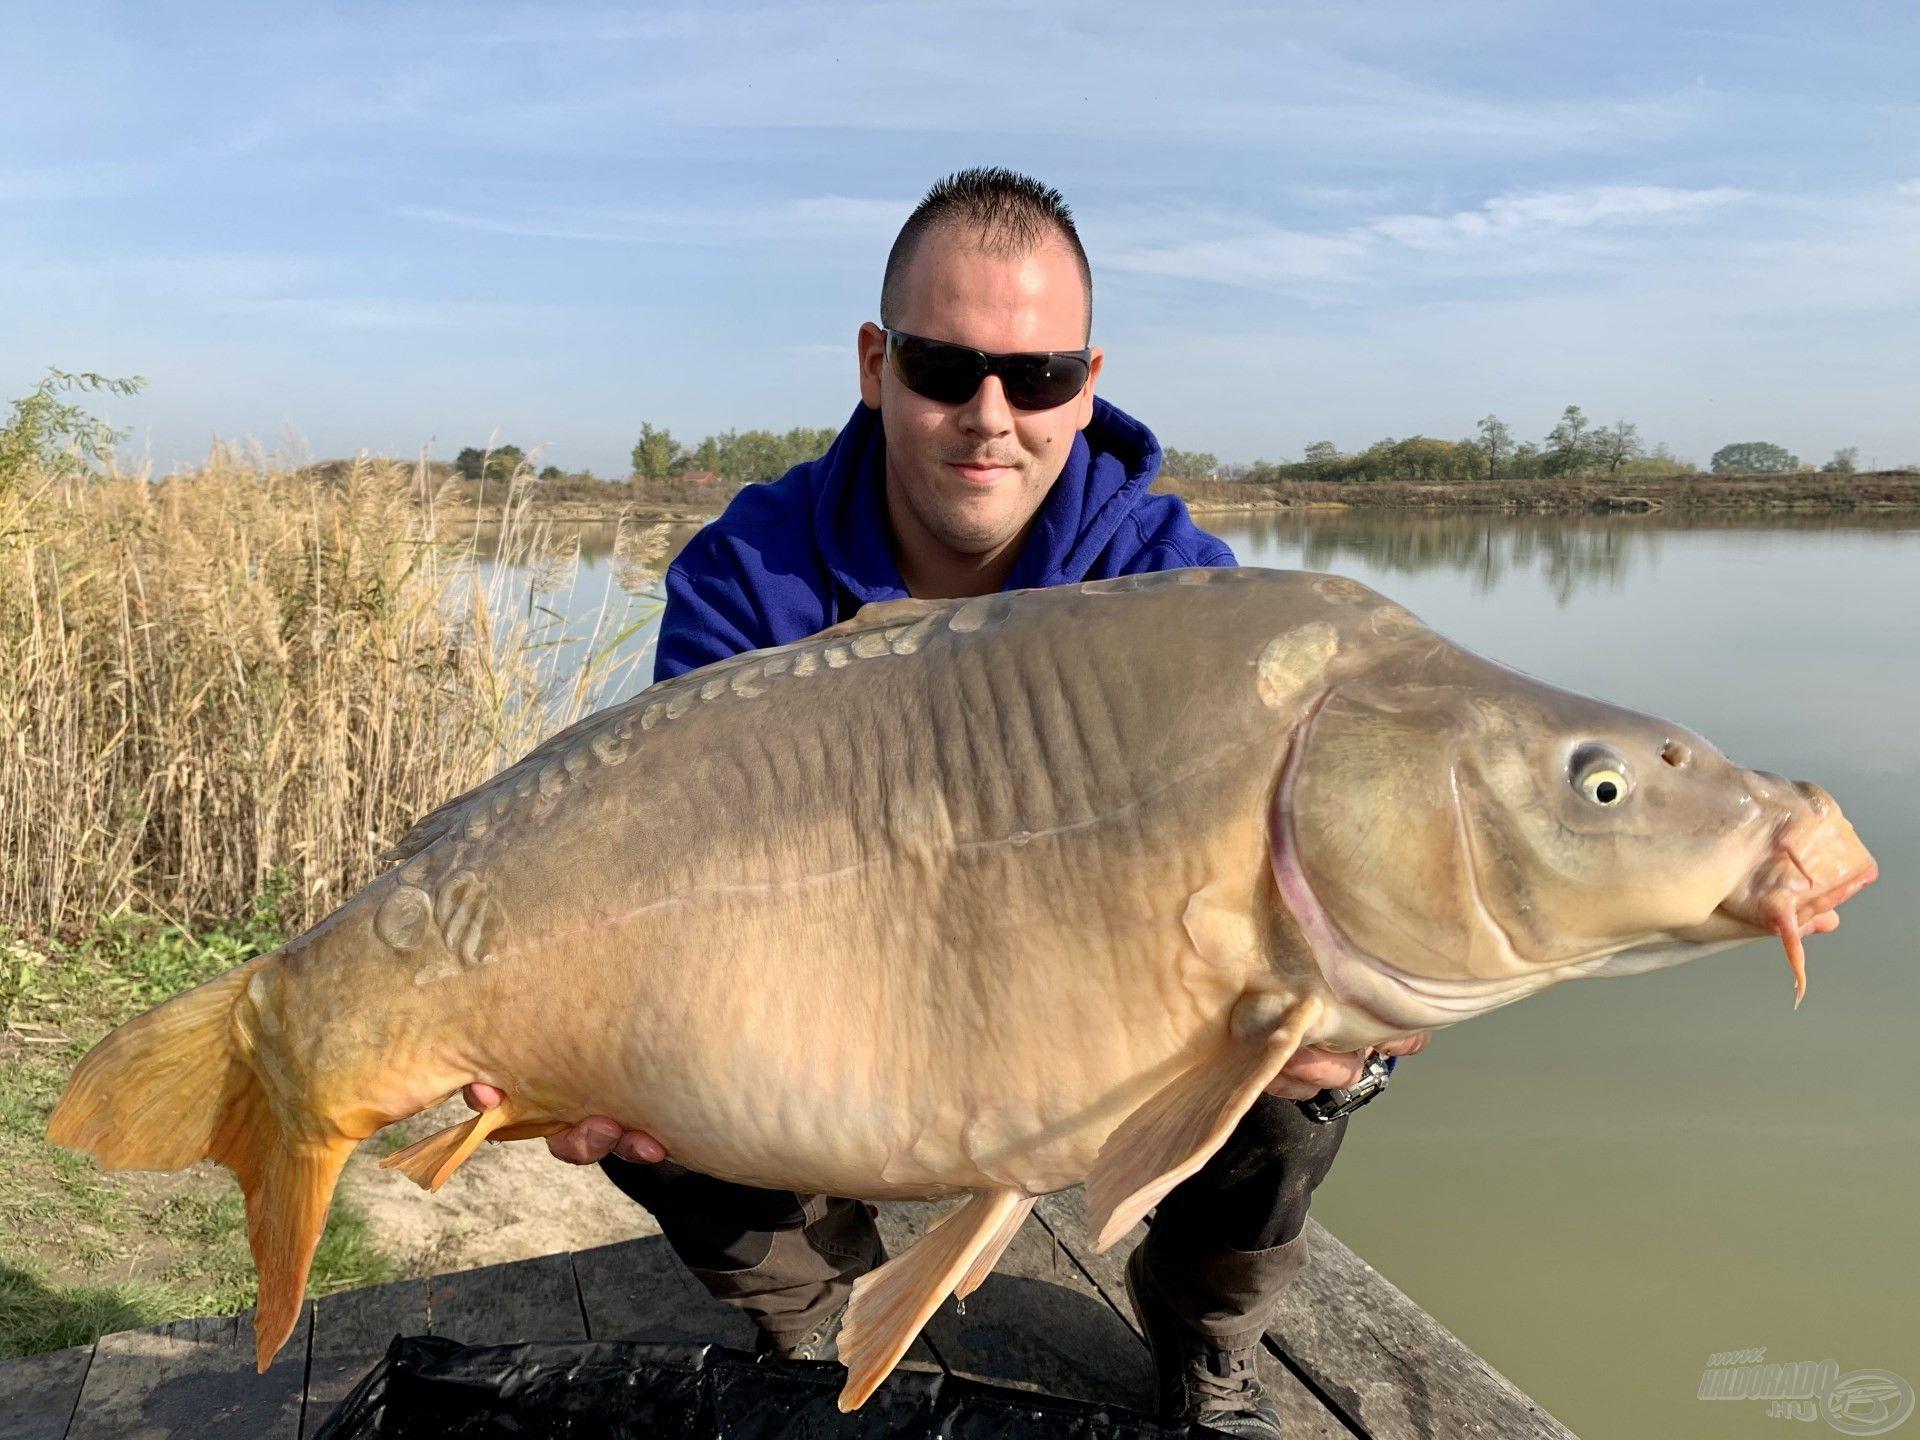 … ezekért a pillanatokért érdemes horgászni, közel a 15 kg-hoz ez a kapitális méretű tükörponty…